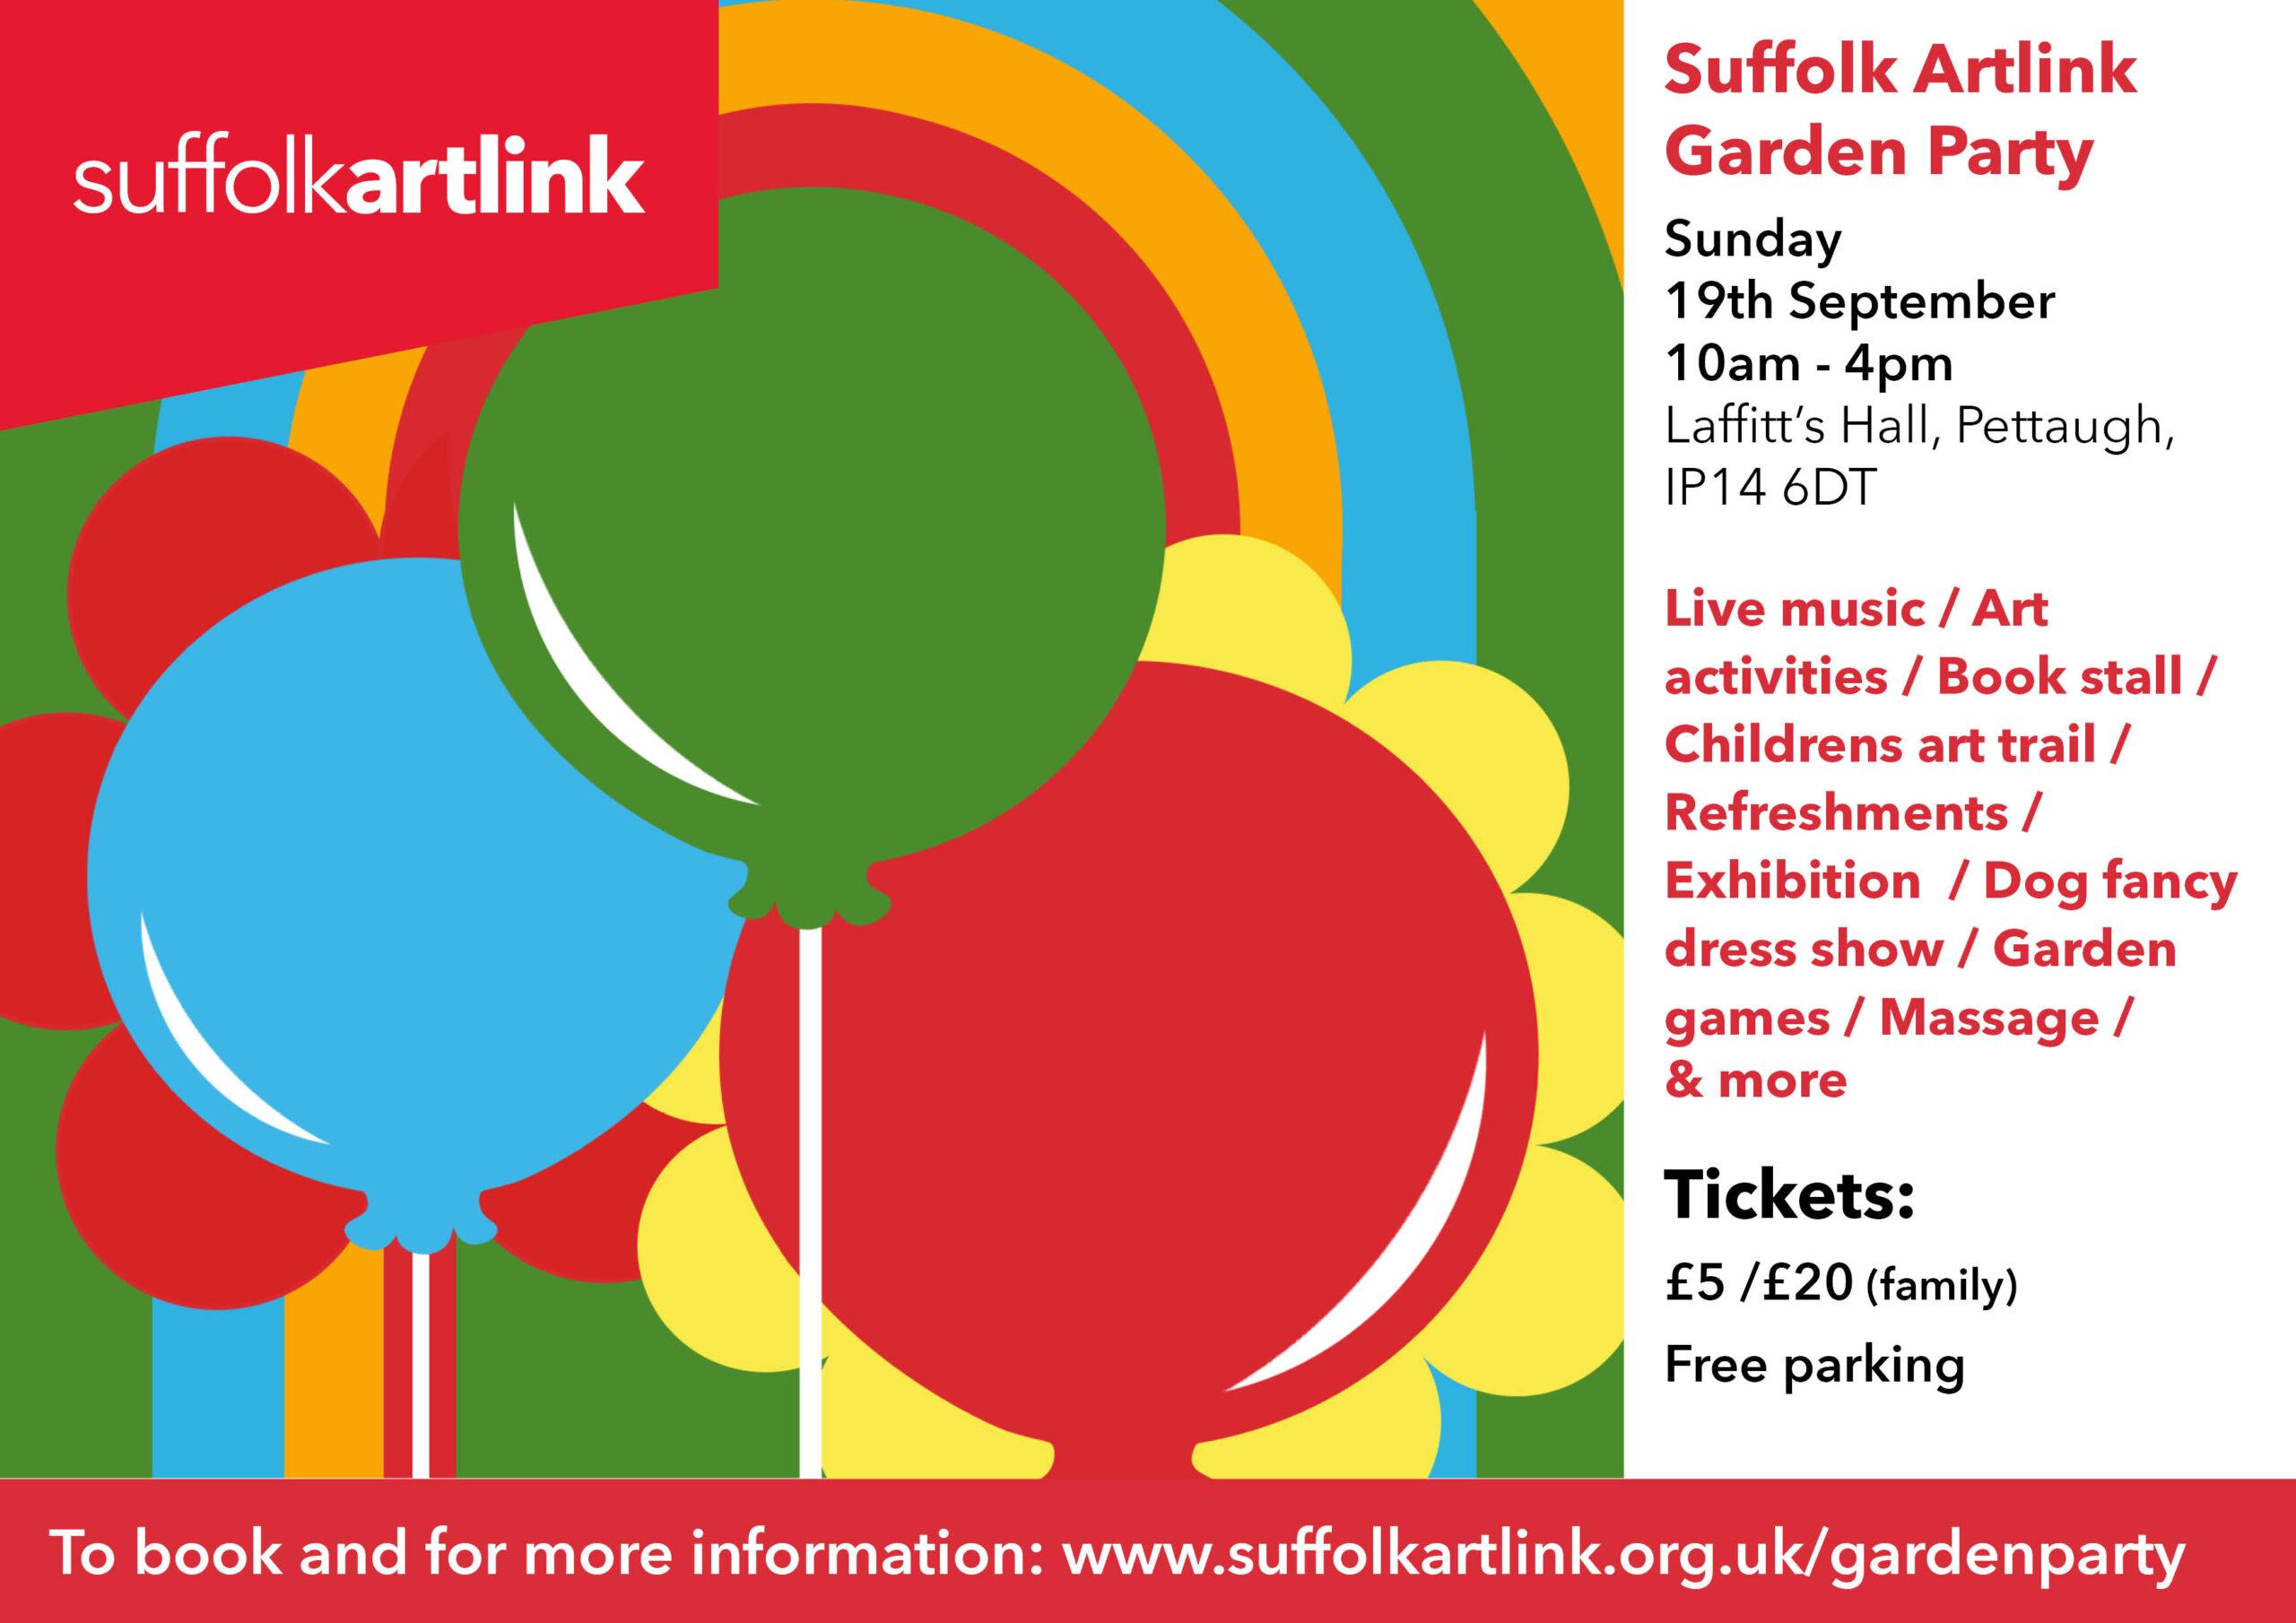 Suffolk Artlink Garden Party